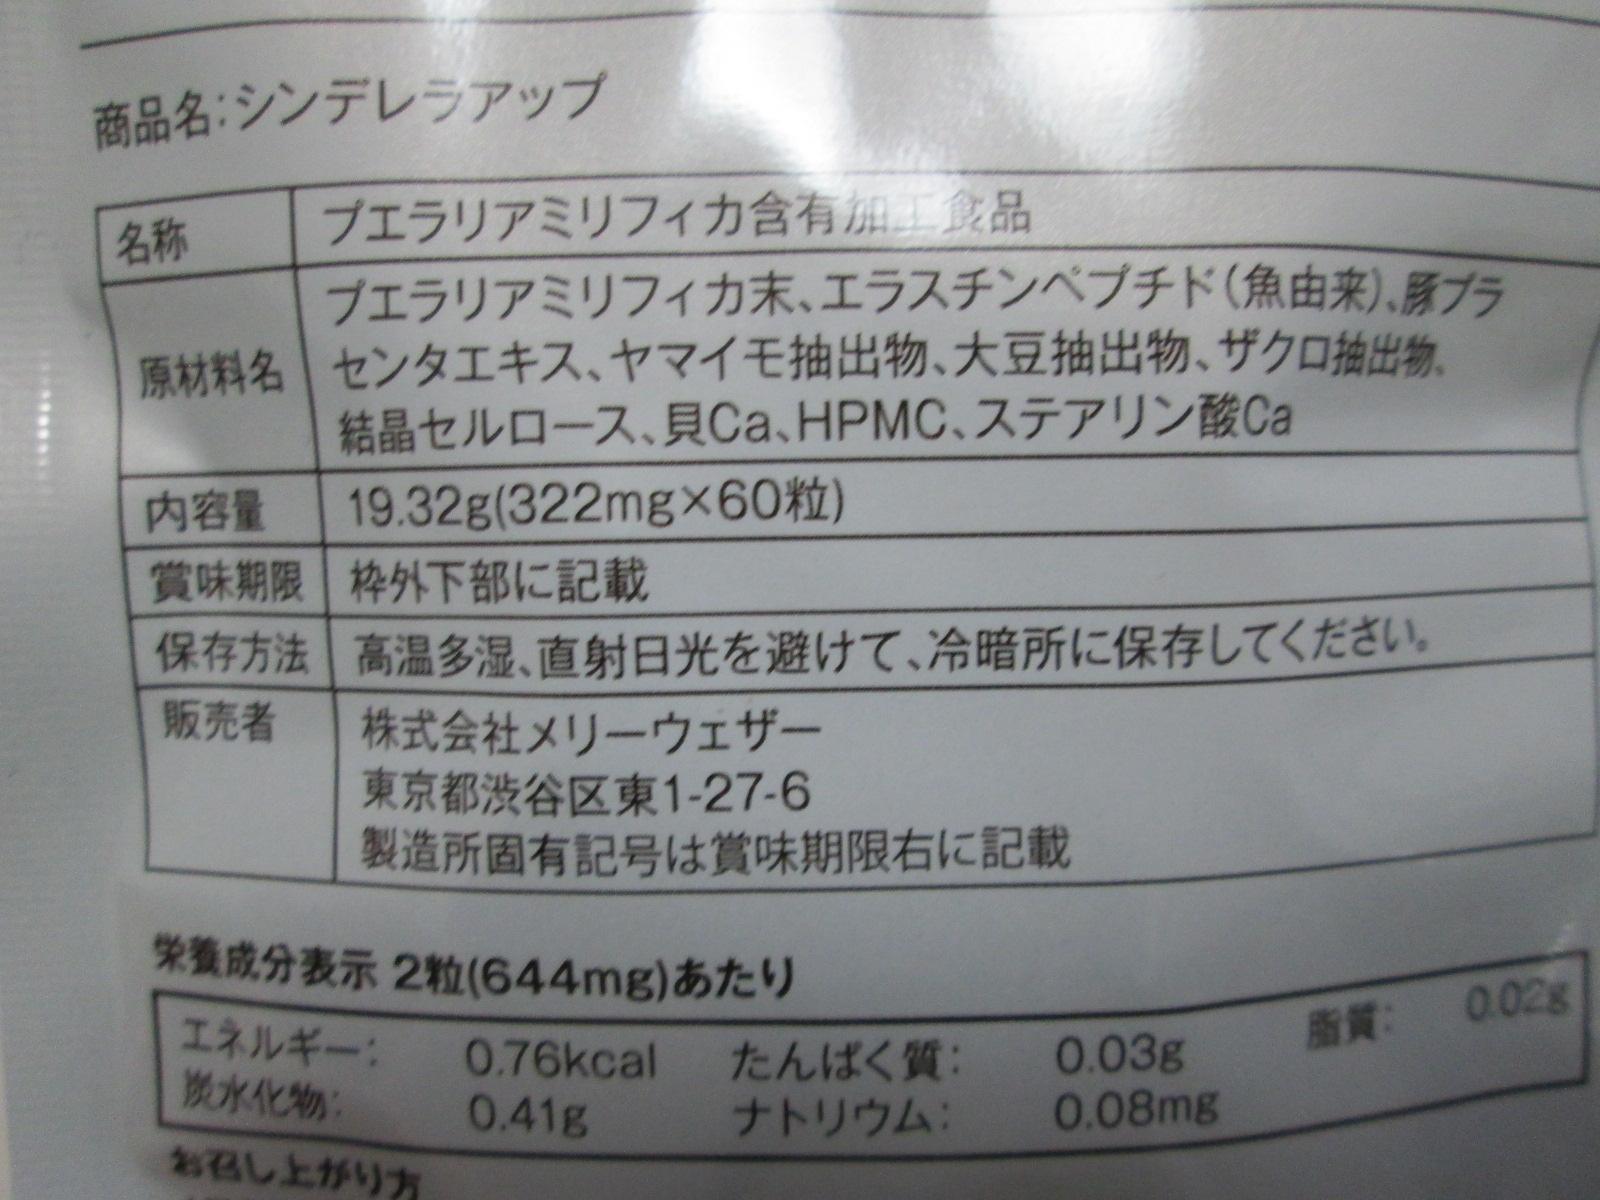 IMG_8910 シンデレラアップ (3)